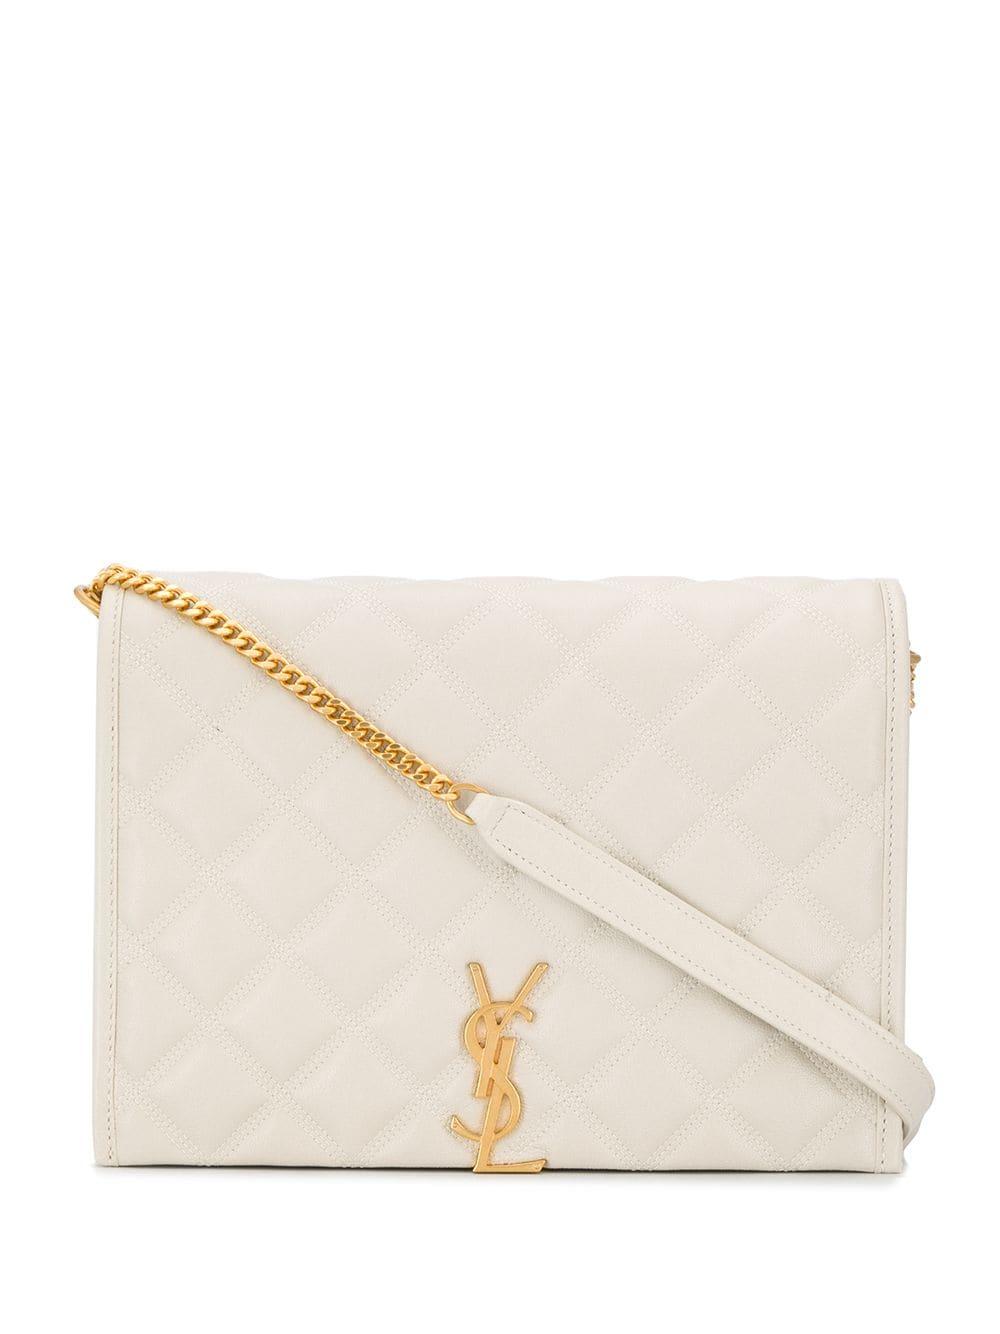 Monogram Becky Leather Shoulder Bag